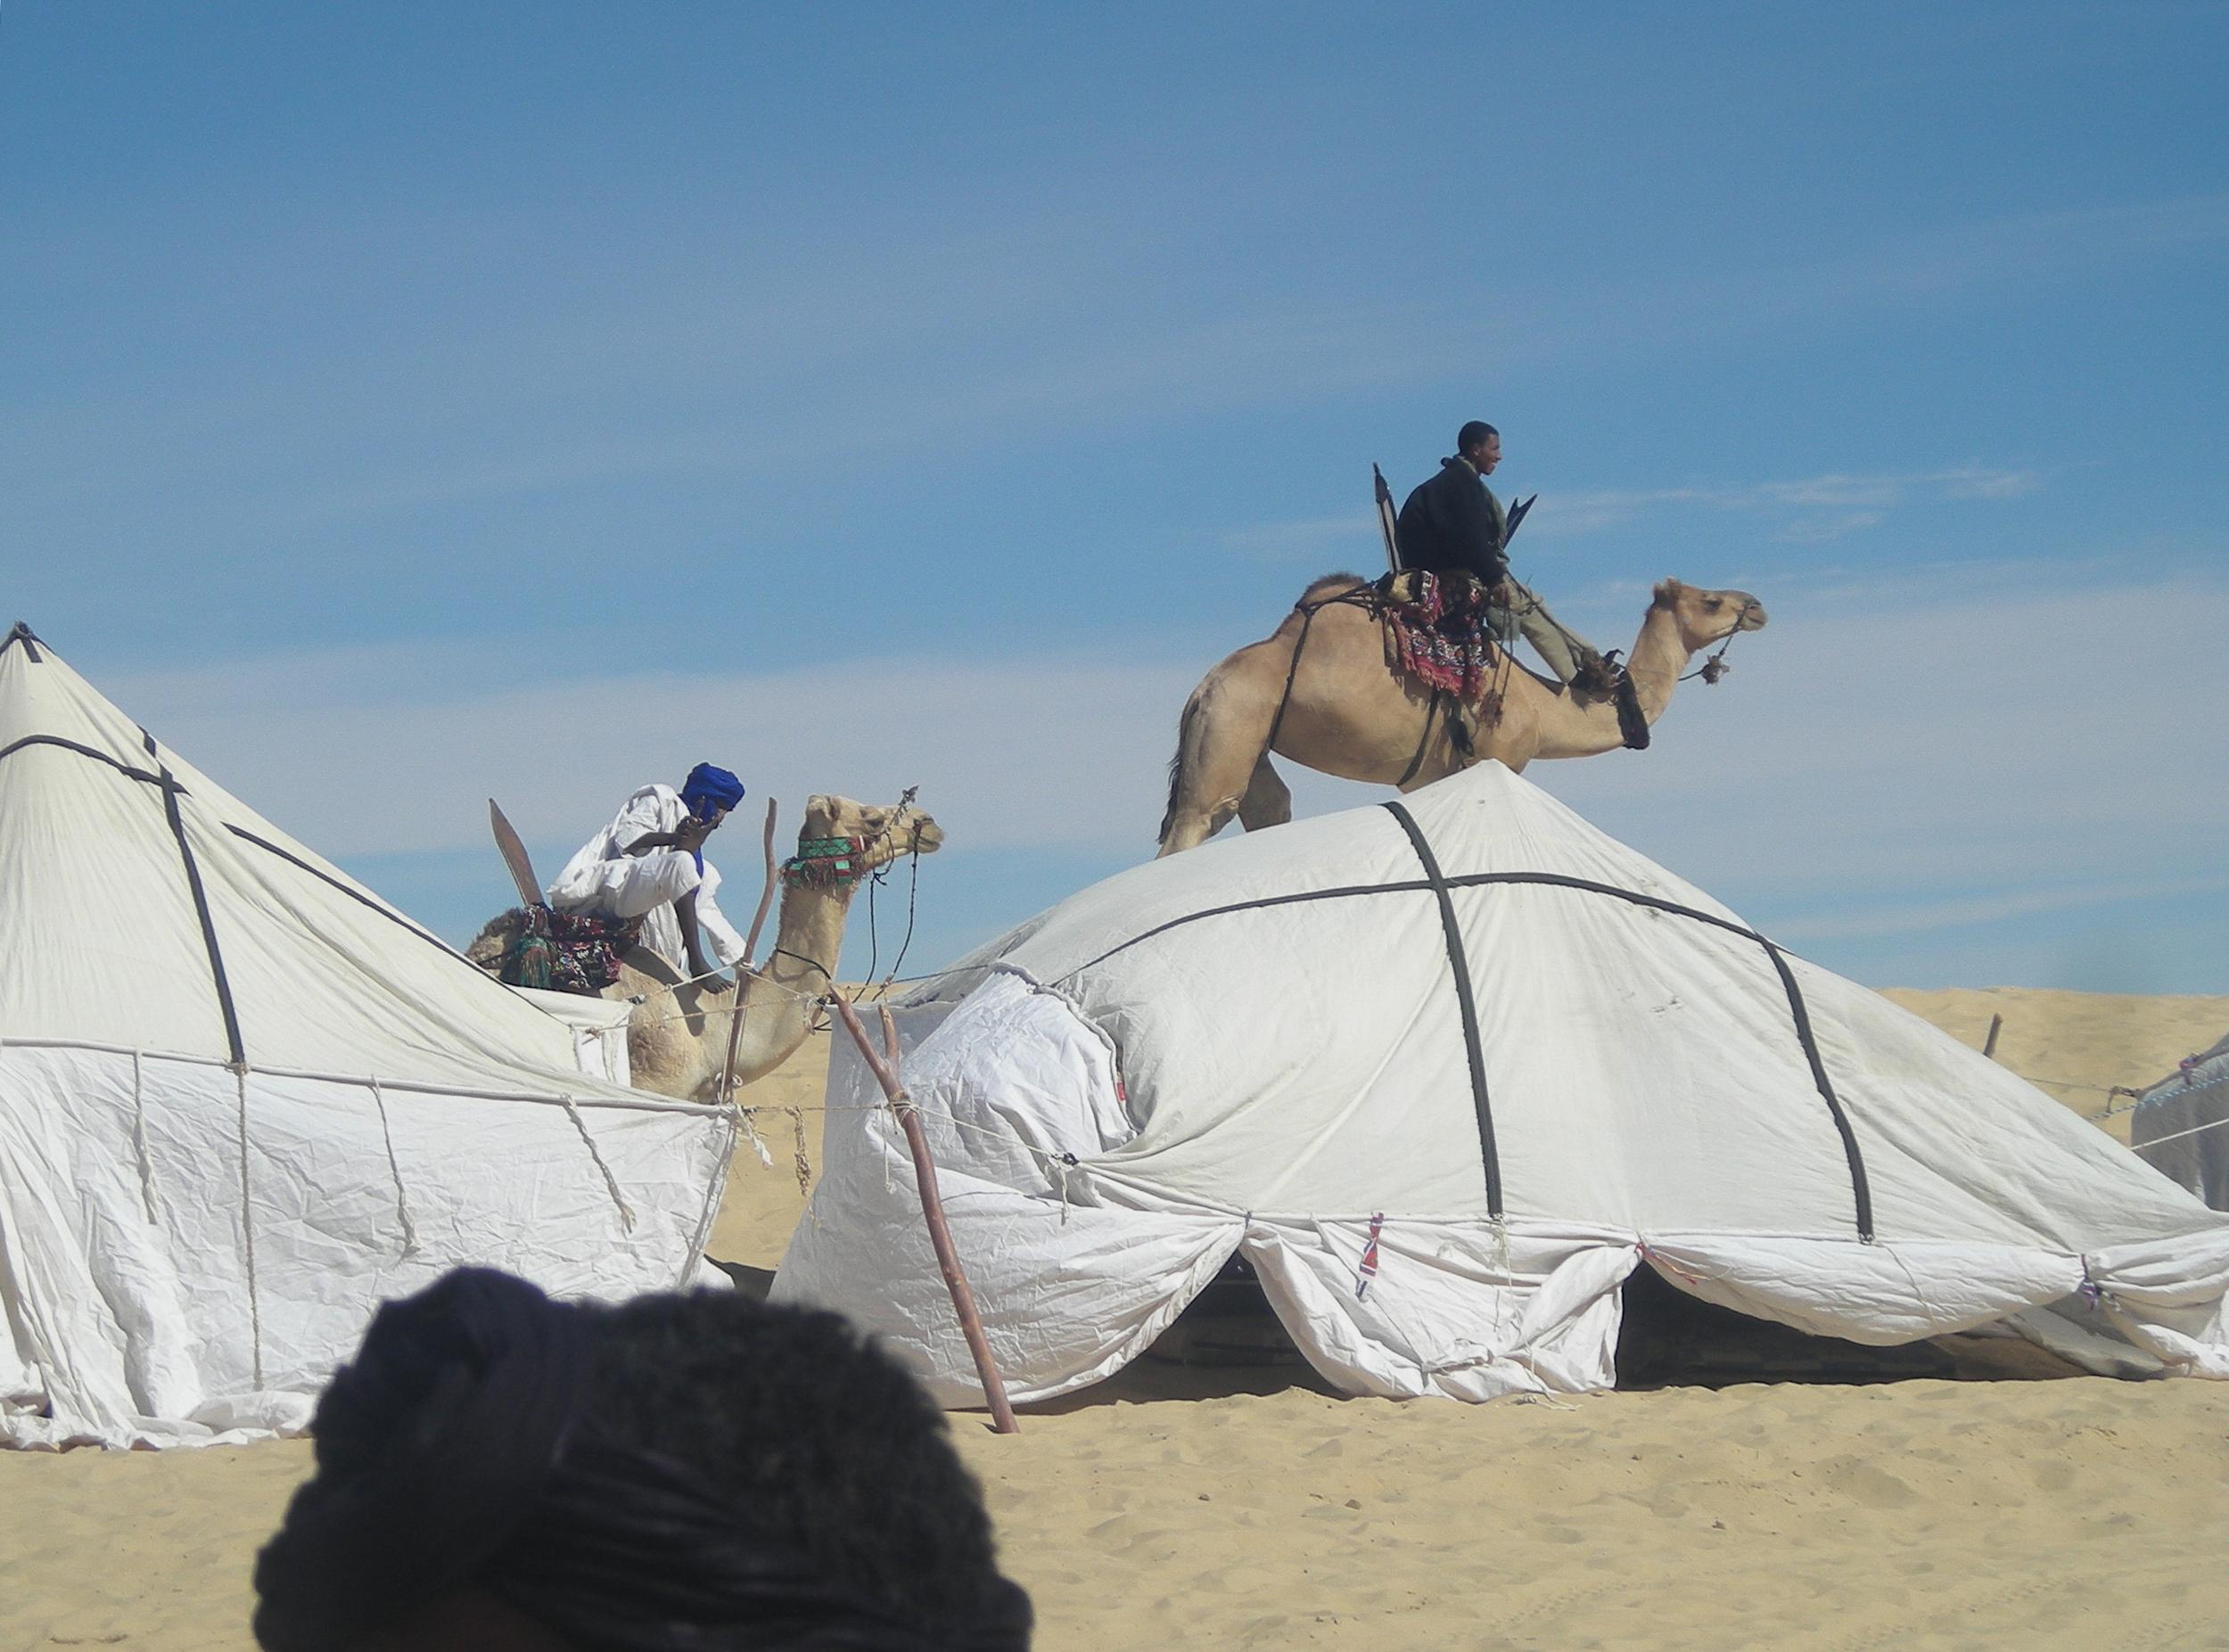 From the desert-festival inTimbuktu, jan 2010.